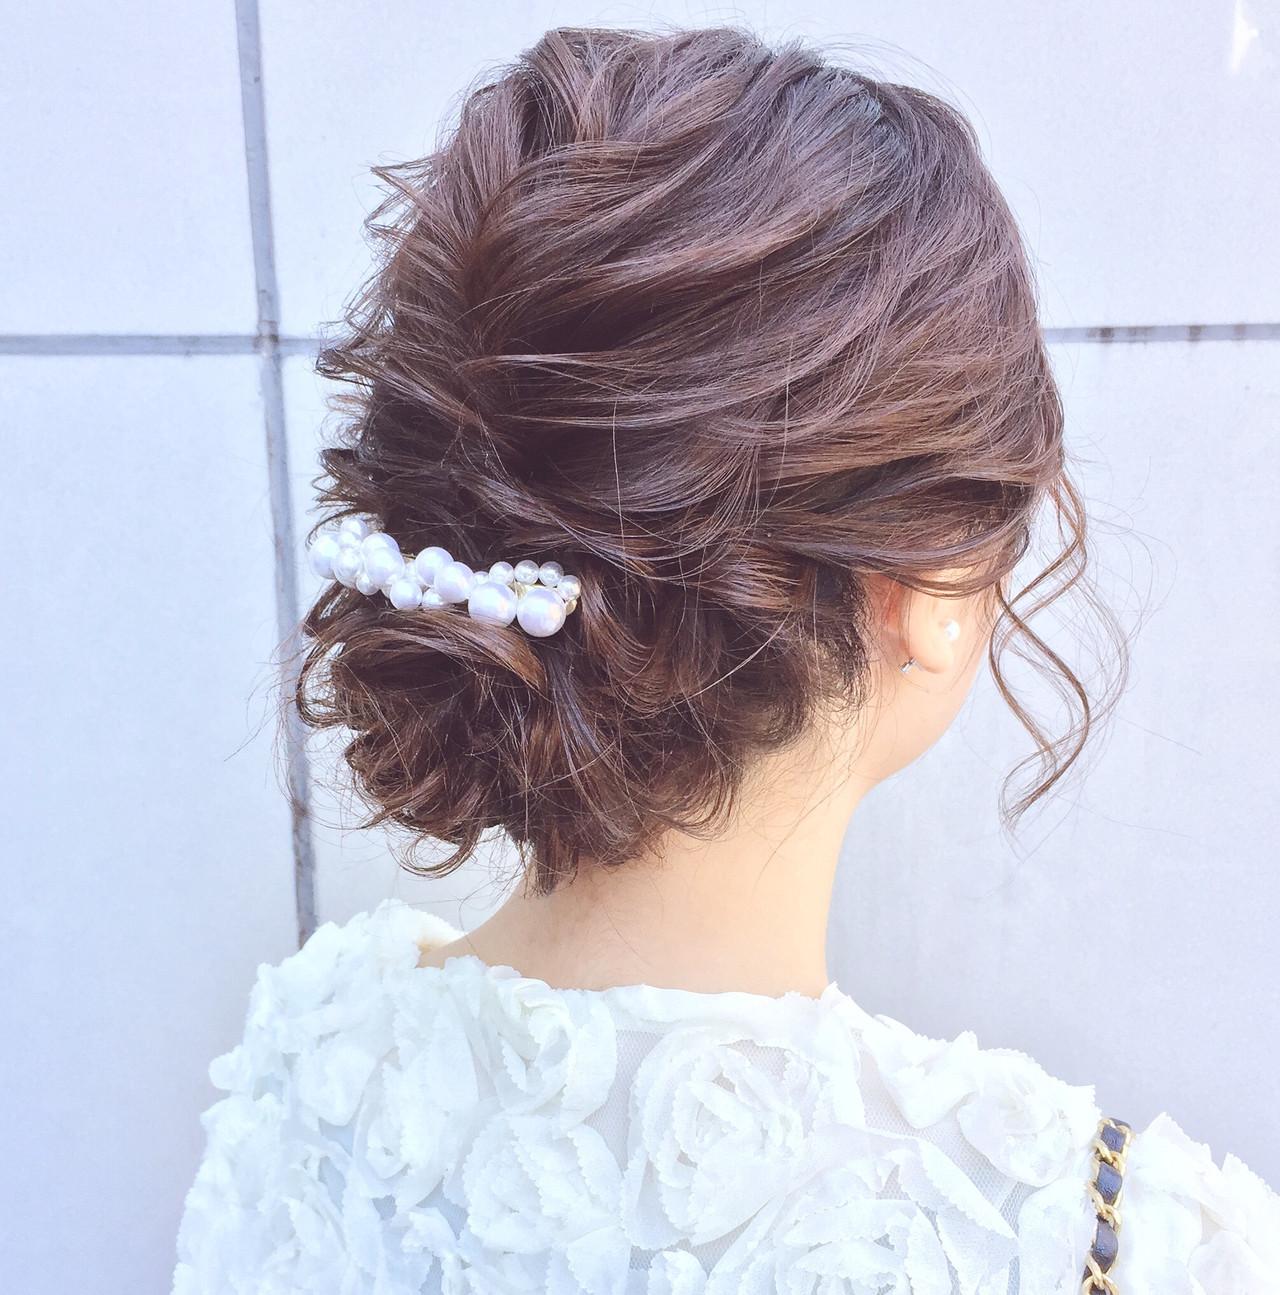 崩れない⭐️可愛い⭐️王道⭐️ のシニヨンスタイル‼️ . . . 結婚式といえば、下めシニヨンスタイル✨ . . 二次会やちょっとしたパーティにもOK?♂️✨ . . . 可愛いだけじゃなくシーンを選ばない万能性も良いです‼️✨ . . . 定番で王道だからこそ形では無く、『質感』に拘りをもってさせて頂きます?? . . . 日本人特有の髪の硬さや太さを『自然で柔らかく』見せるベース巻き⭕️ . . 軟毛・硬毛 細毛・太毛 問わず必ず柔らかい質感に致します?♂️✨ . . . . 柔らかくルーズな質感で不安なのがキープ力です‼️ . . もちろんキープ力もしっかりあります⭕️ . . 朝から夜までの大事な1日をしっかり崩れずキープ致します?♂️✨ . . . 可愛いく、崩れないヘアアレンジはお任せ下さい‼️? . . . . . ☑︎他のサロンでイメージ通りにならなかった ☑︎髪が短くてアップにできるか不安 ☑︎途中で崩れてしまった ☑︎ボリュームが出づらい ☑︎硬毛や軟毛で悩んでいる ☑︎ドレスや自分に合うスタイルが知りたい ☑︎ルーズで柔らかいスタイルが好きだけど崩れないか不安 . 等という方は是非お任せ下さい‼️ . . . . 【美容師歴7年】 美容の激戦区と言われる表参道で ずっと美容師をしてきました✂️ . 常に流行の最先端を行くこのエリアで ヘアアレンジに拘りを持ち続けてきました✨ . . その結果ヘアアレンジの新規指名数No. 1‼️ HOT PEPPER BEAUTY表参道青山エリアの上位ページにもスタイルが多数✂️ . . . 華やかだけどカッチリし過ぎない‼️ シンプルなのにどこか目を惹くような柔らかいヘアアレンジが得意です?♂️✨ . . . ヘアアレンジは『可愛い』はもちろんですが、『崩れない』ことも大事にしています‼️ . . 来て頂いたお客様一人ひとりにご満足とご安心を頂けるようにこの2つは常に意識しております☘️✨ . . . . 最近はインスタを見てご来店される方が増えてます?♂️ . 『デザインが好きで!』と言って 遠い式場でも、わざわざ足を運んで頂くことが多いです?✨ . . 美容室が多い表参道エリアの中で僕を選んで頂ける事が本当に嬉しくて?♂️ その期待にお応えできるよう日々精進しています?✨ . . . ご予約は直接DM、または電話0334781457. ホットペッパービューティからお願い致します?♂️. . 早朝セットのご予約はお電話かDMからお願い致します⭐️ . . セット料金4000円.主要時間30分〜40分 早朝も4000円(現金のみ) . . . . ご新規様の他メニュー⭐️. . カット・カラー・トリートメント9240円 . カラー・トリートメント7020円 . カット・トリートメント4880円 . もちろんヘアセットと組み合わせも可能ですのでご連絡下さい?♂️ . . . 東京都渋谷区神宮前4-9-7ギャザリングコートB1 (表参道駅A2出口徒歩2分) . 美容室『CHIC表参道』 ✂️スタイリスト永田邦彦✂️